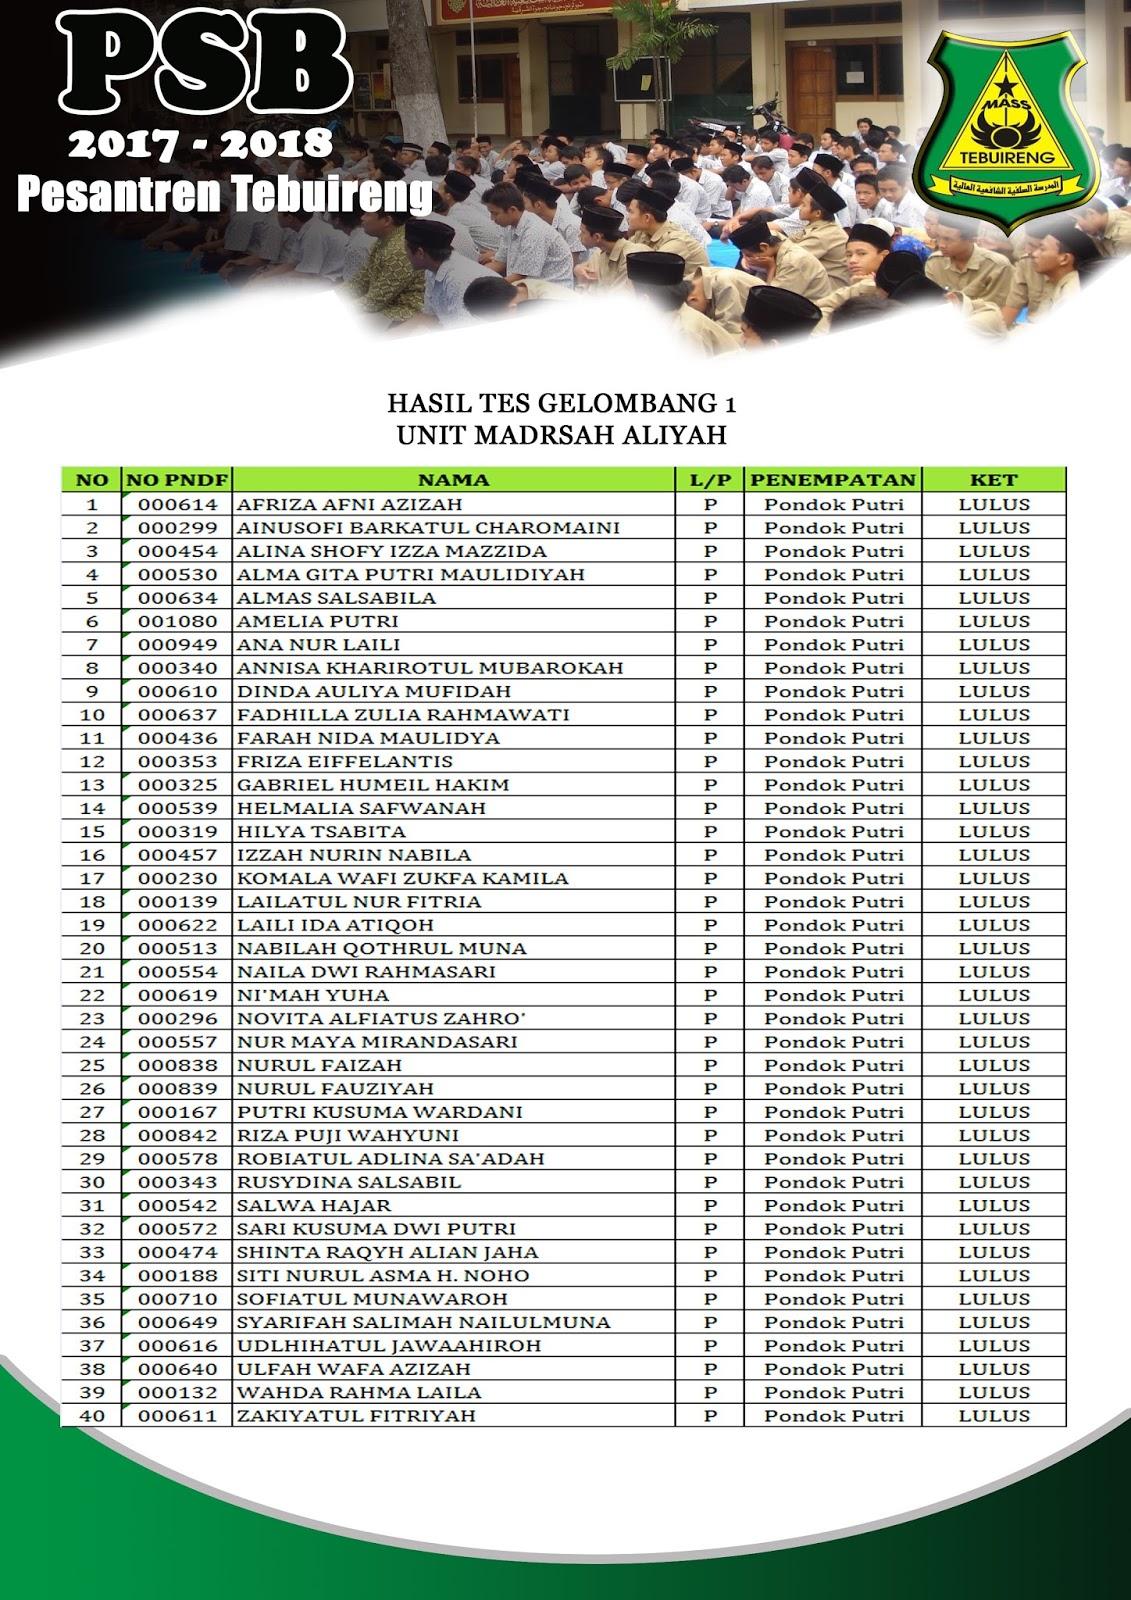 Madrasah Aliyah Putri 1